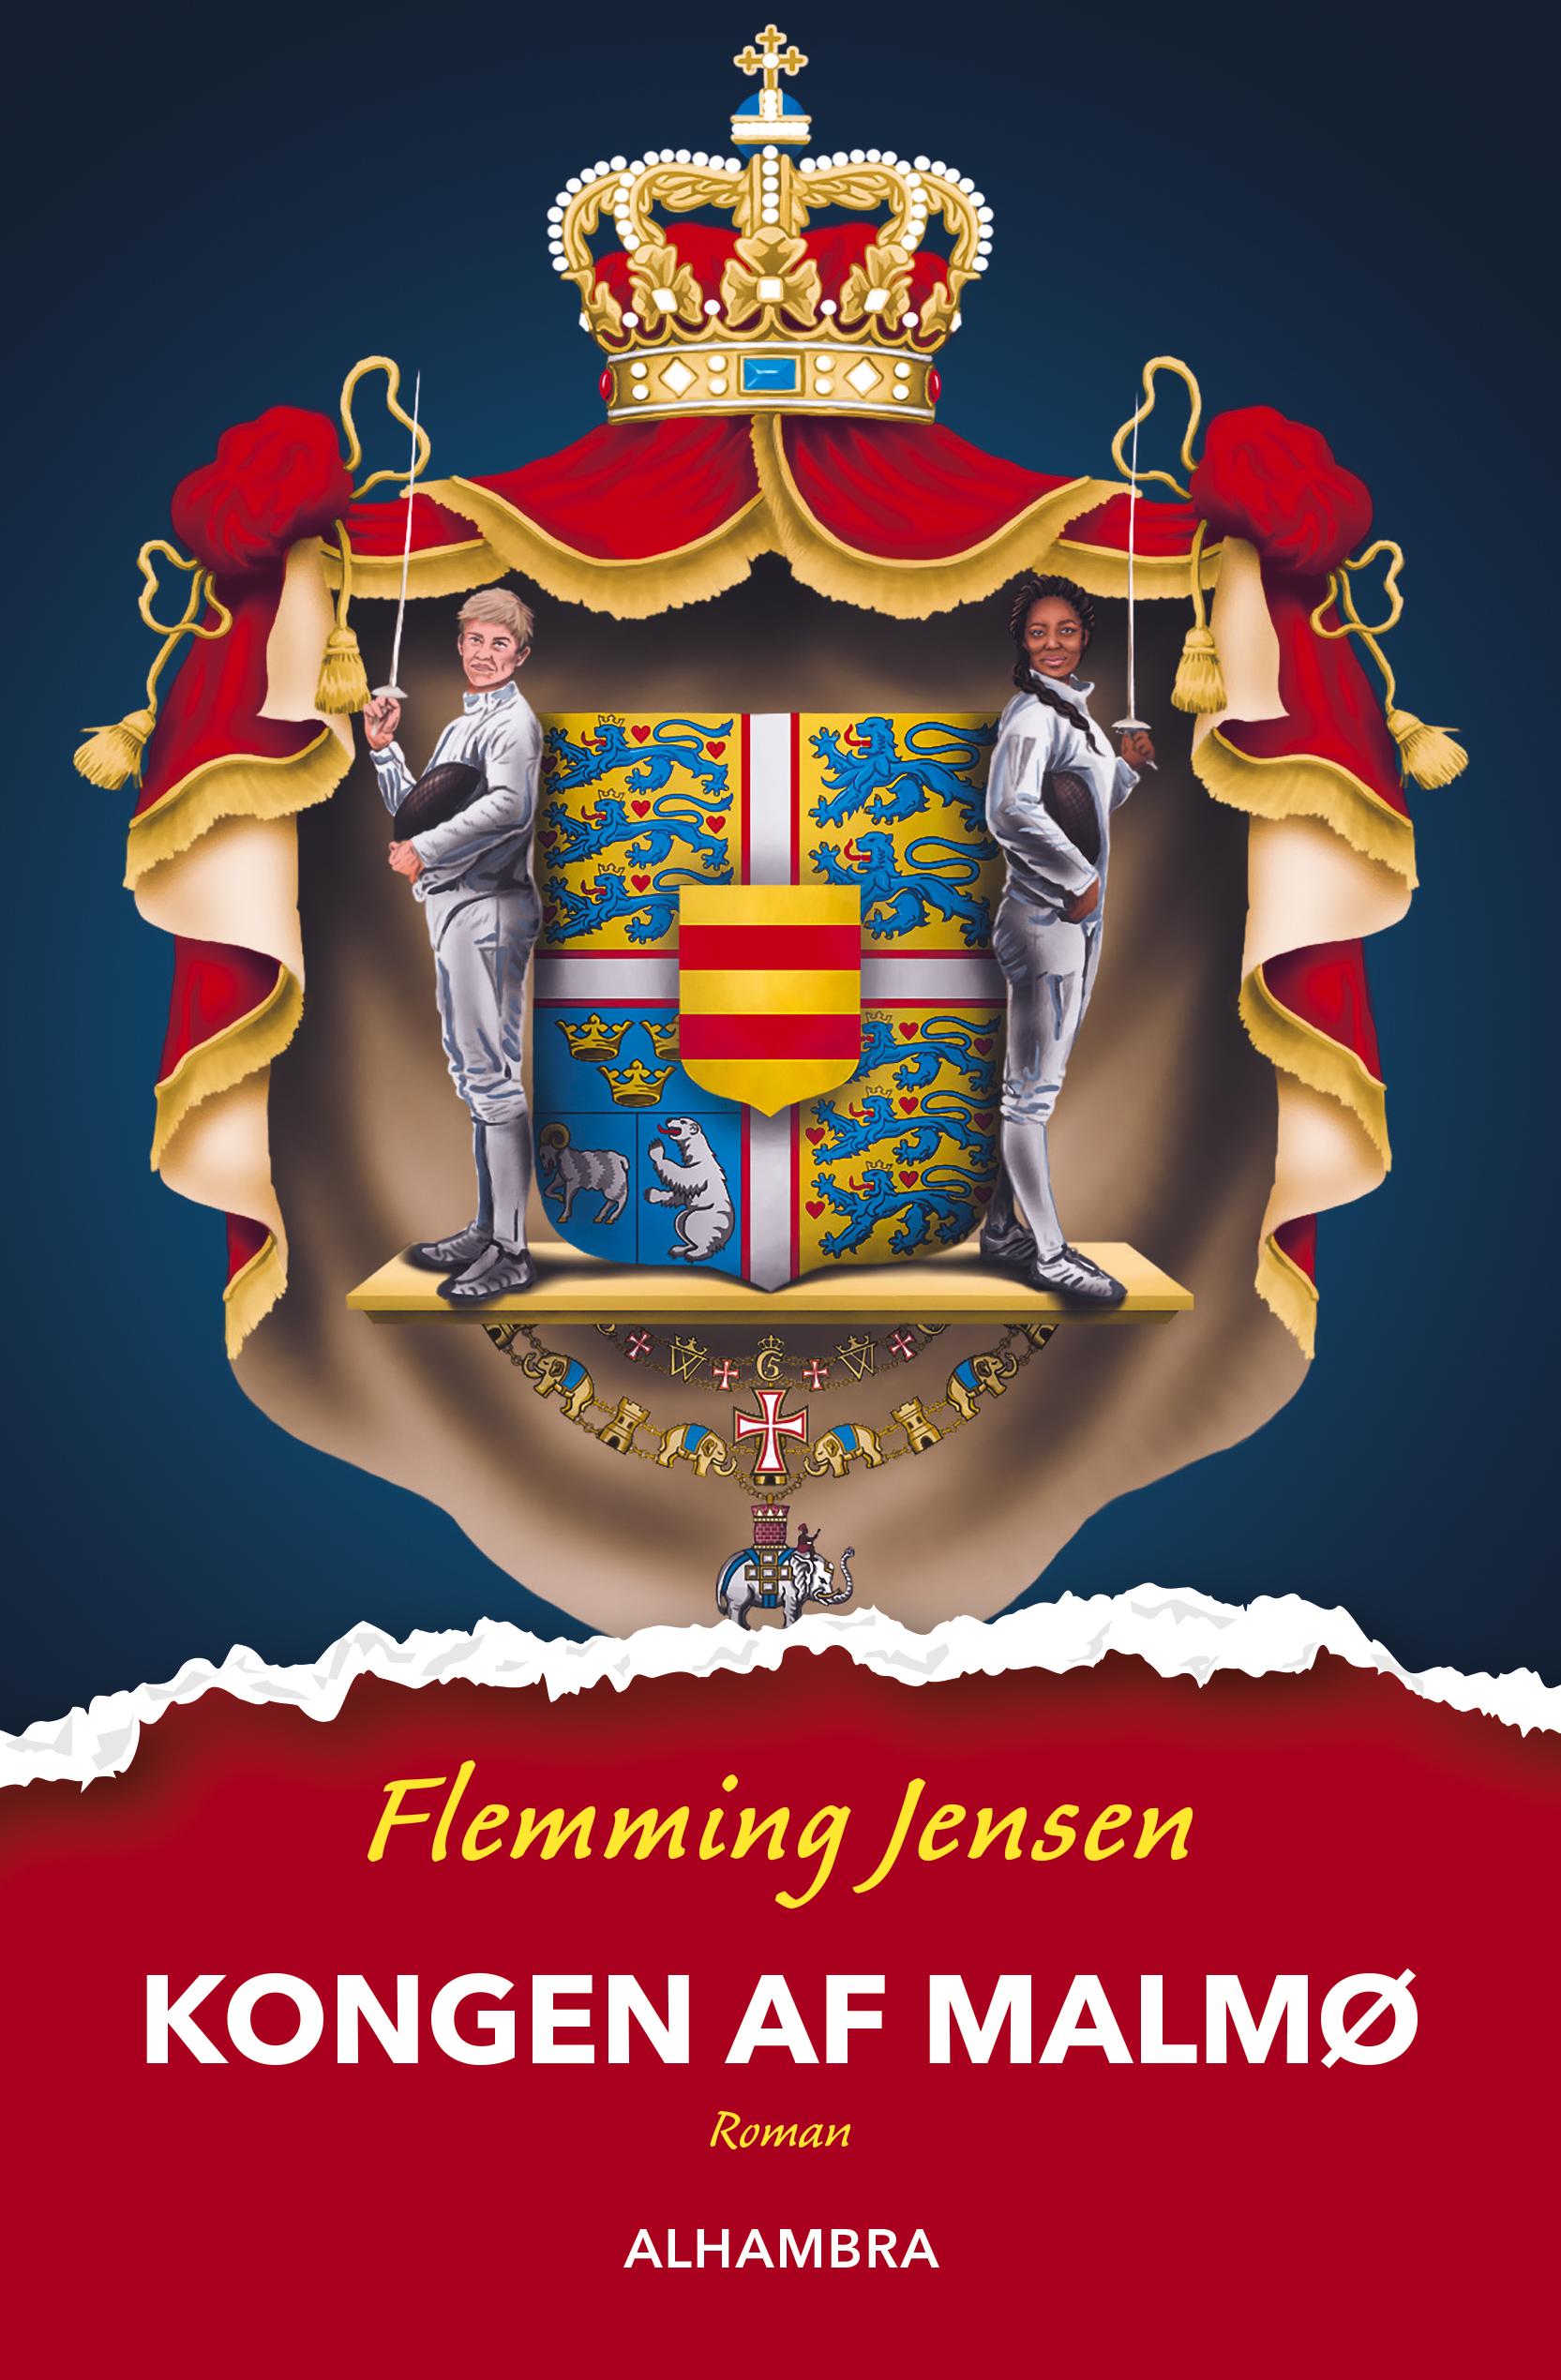 Kongen af Malmø - roman af Flemming Jensen